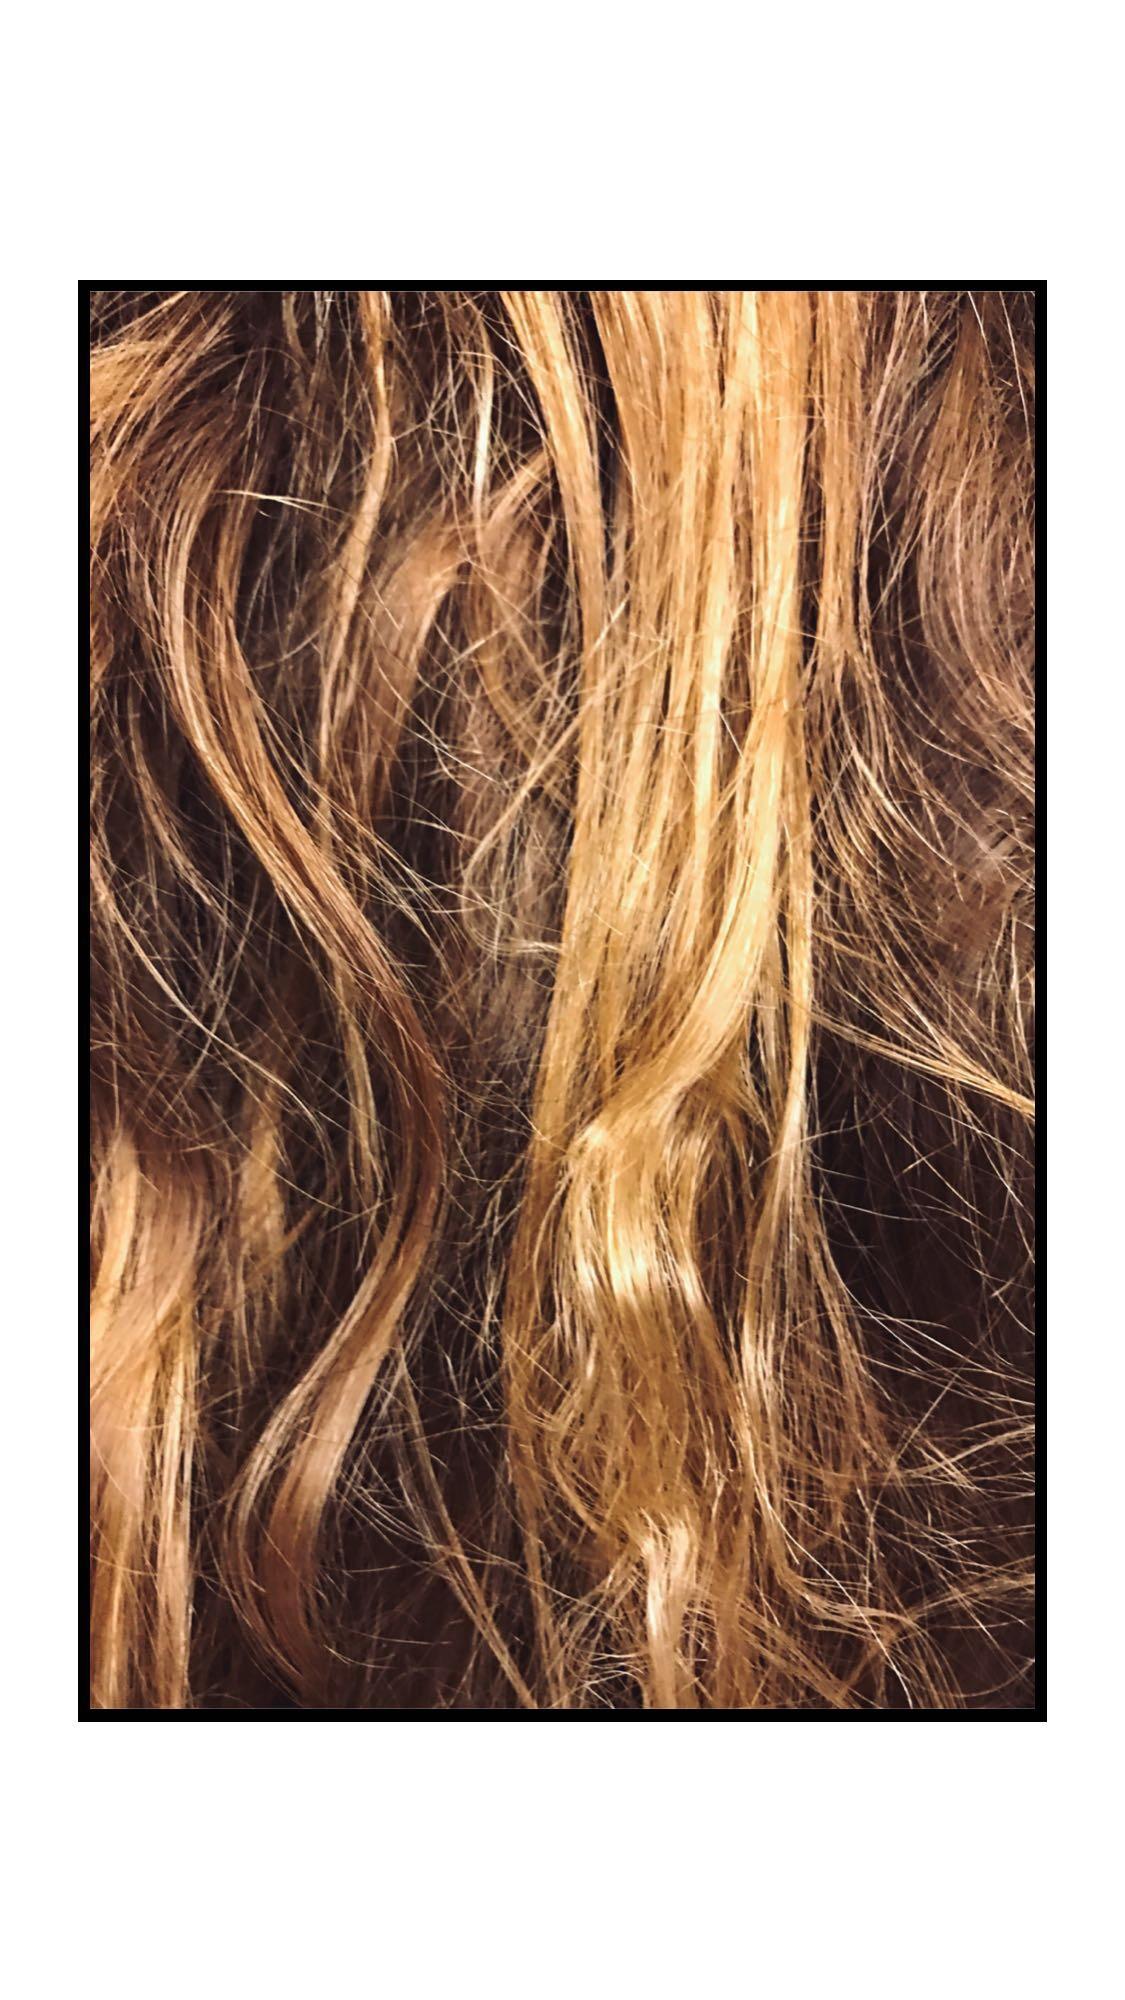 Beach hair, waves